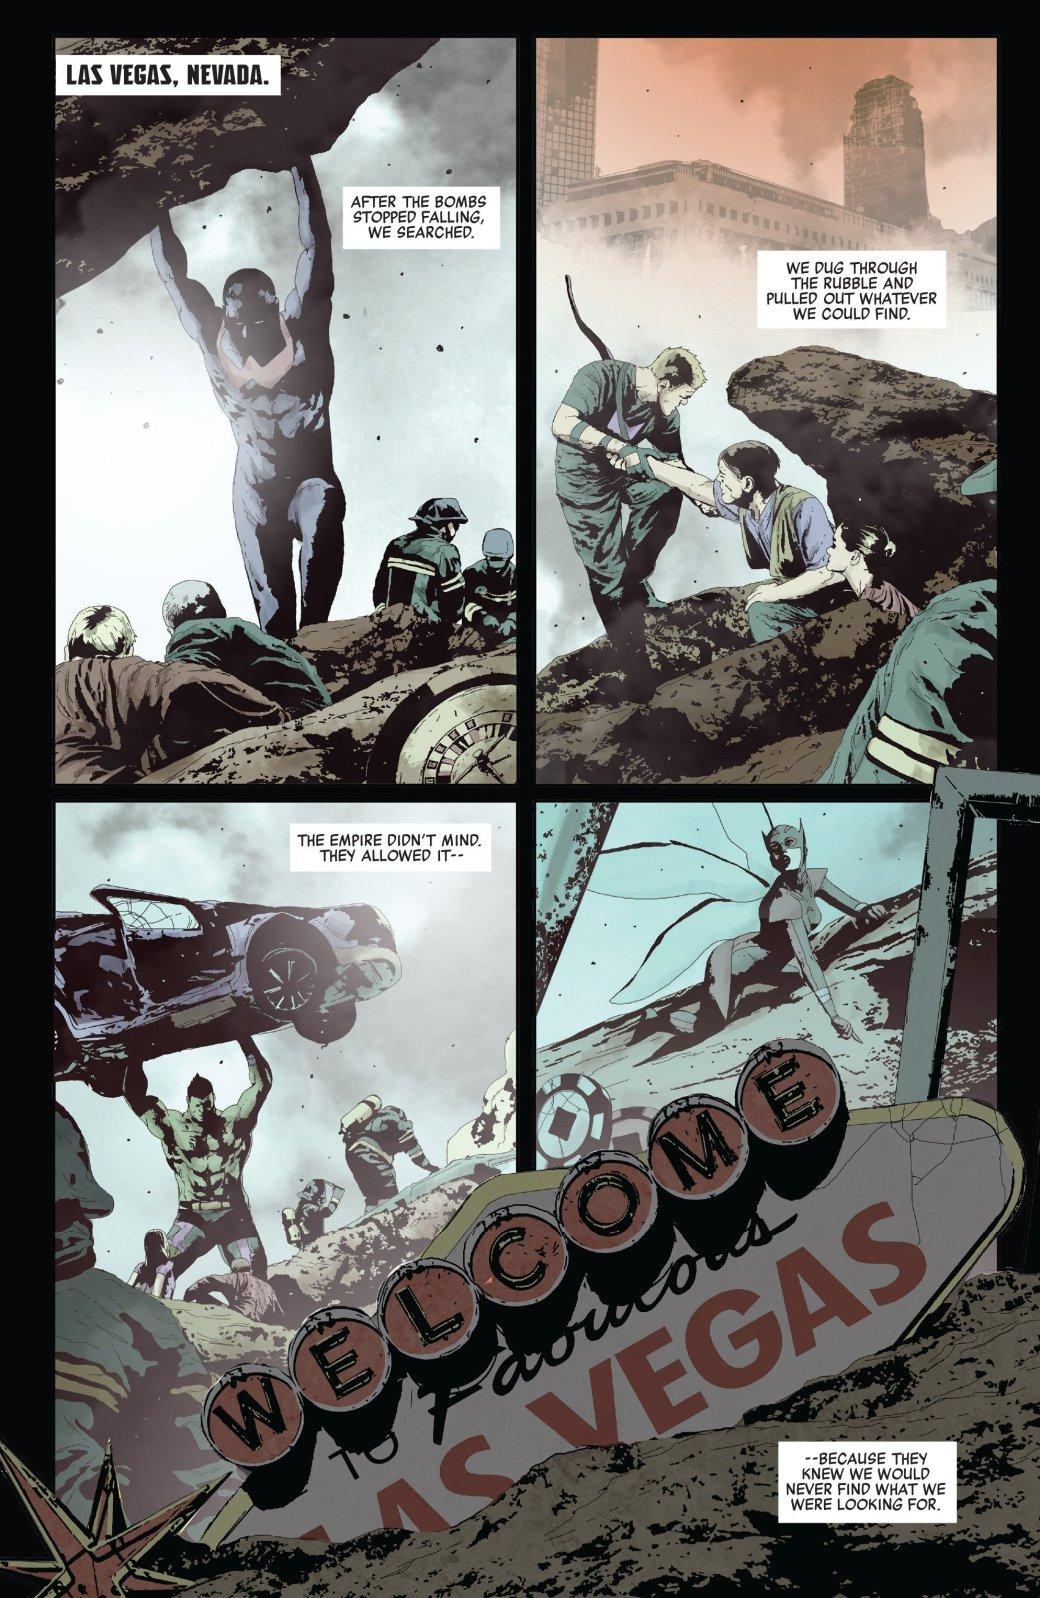 Secret Empire: Гидра сломала супергероев, и теперь они готовы убивать   Канобу - Изображение 4